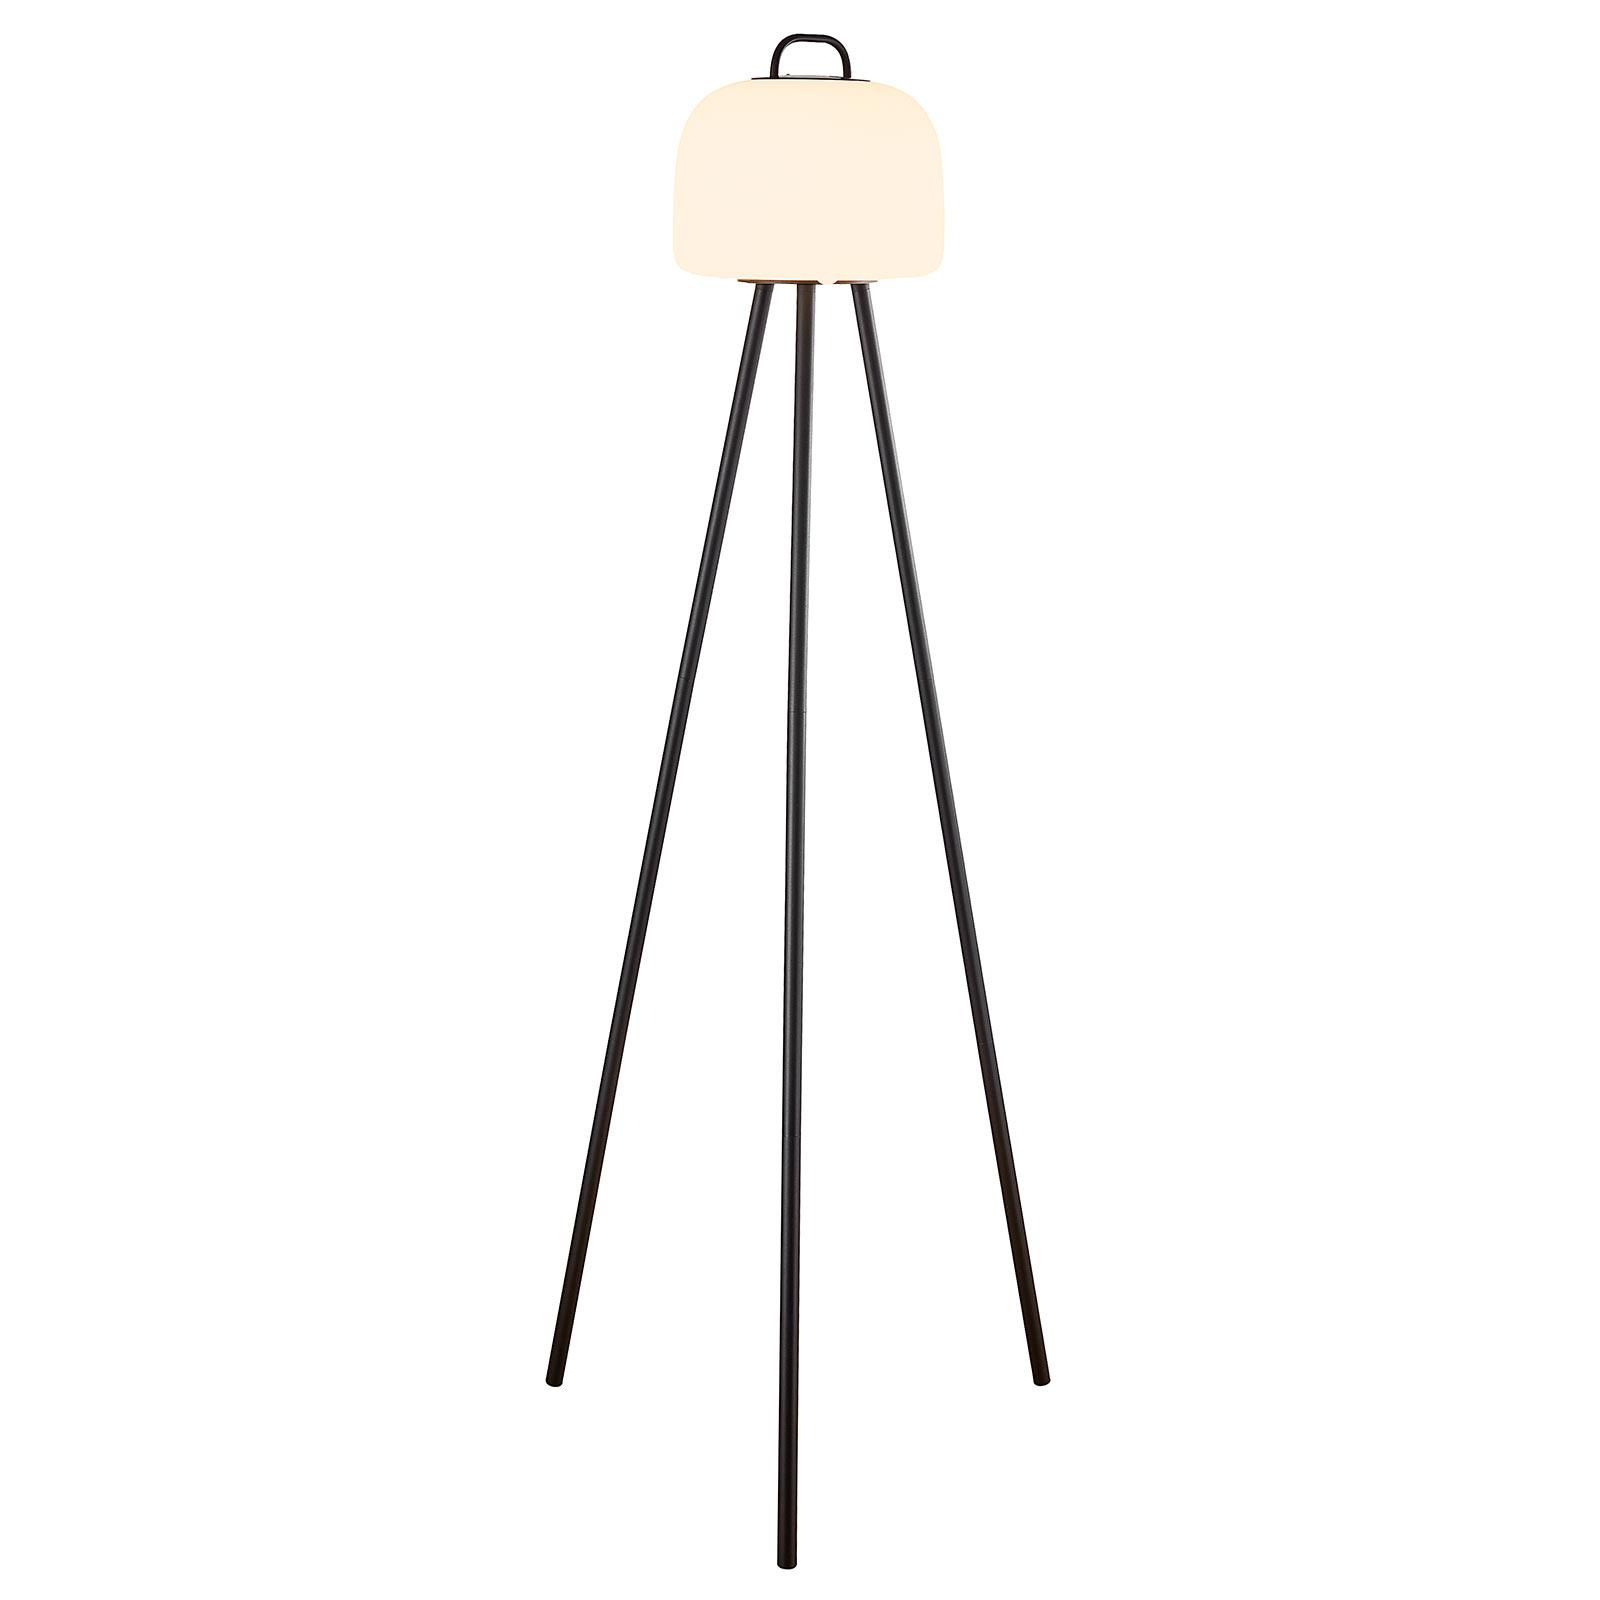 LED-gulvlampe Kettle tripod, metall, skjerm 22 cm